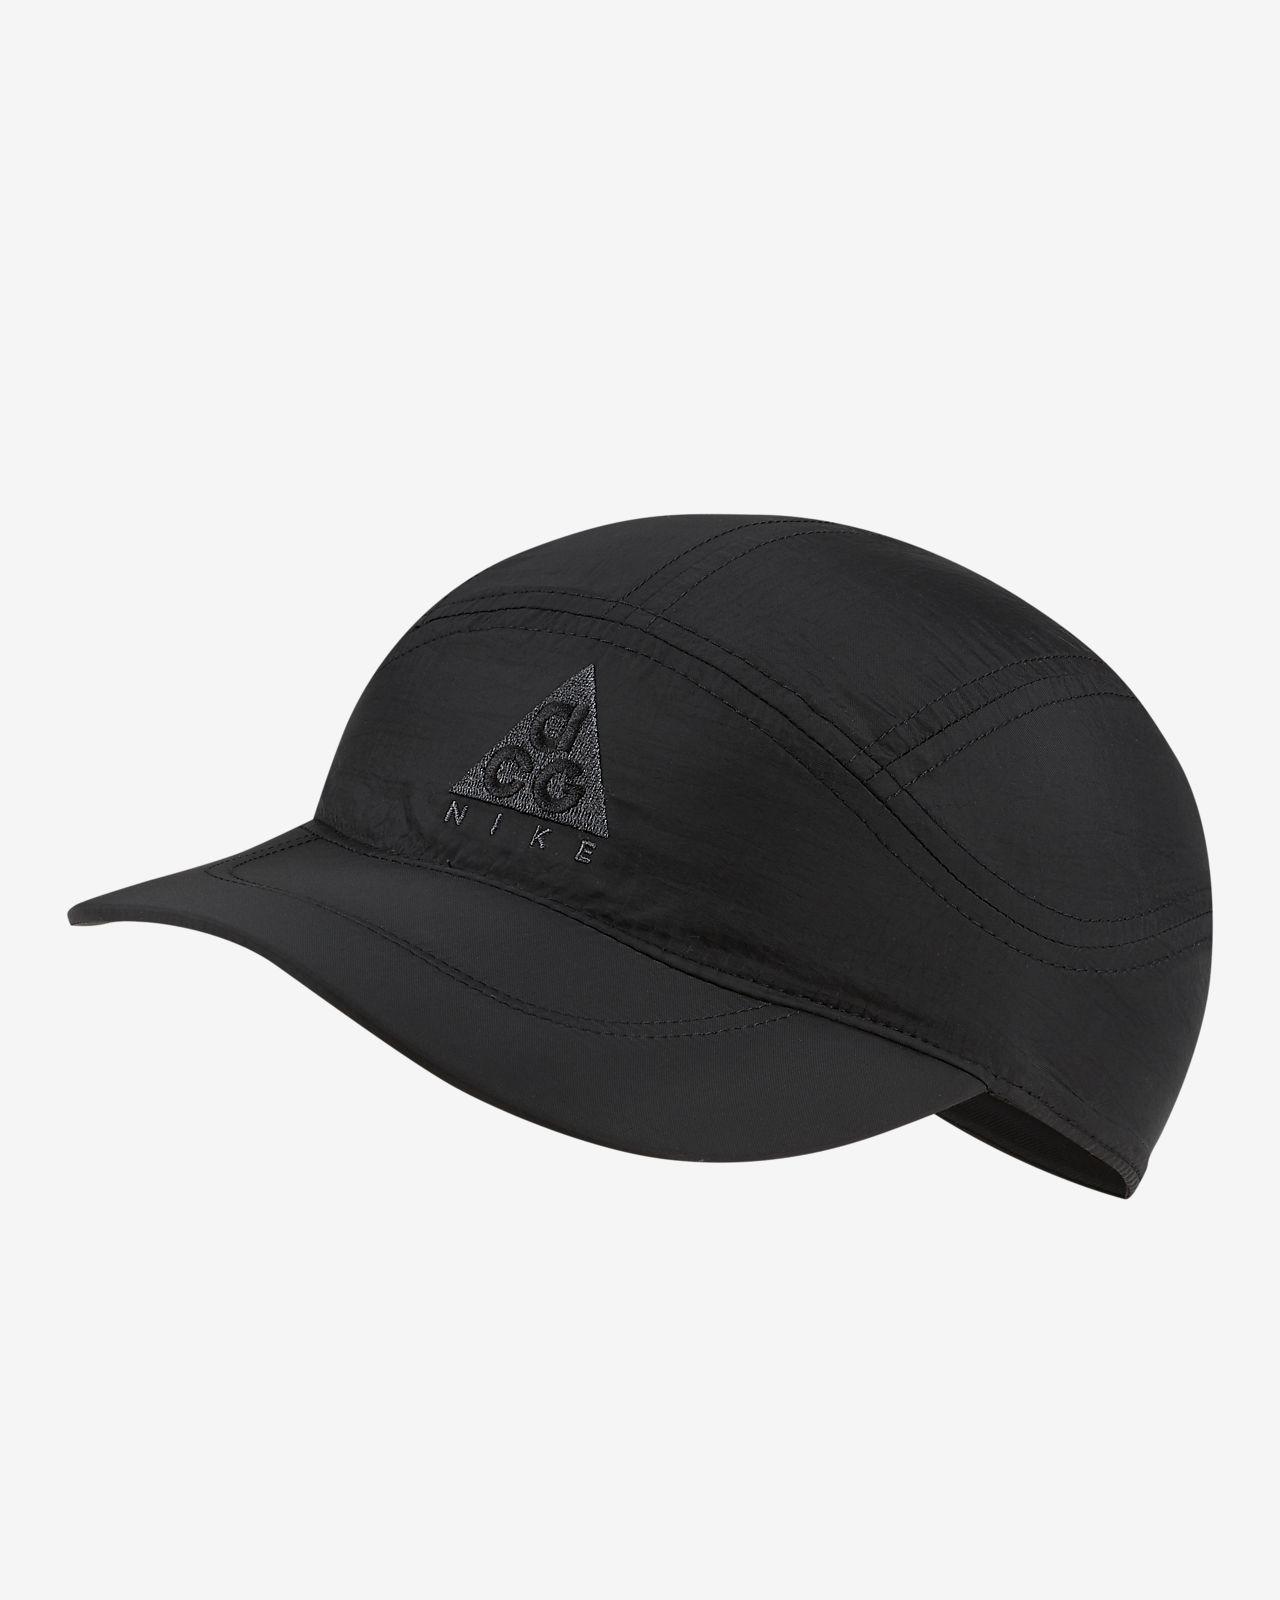 4350c6aa Nike ACG Tailwind Adjustable Hat. Nike.com AU